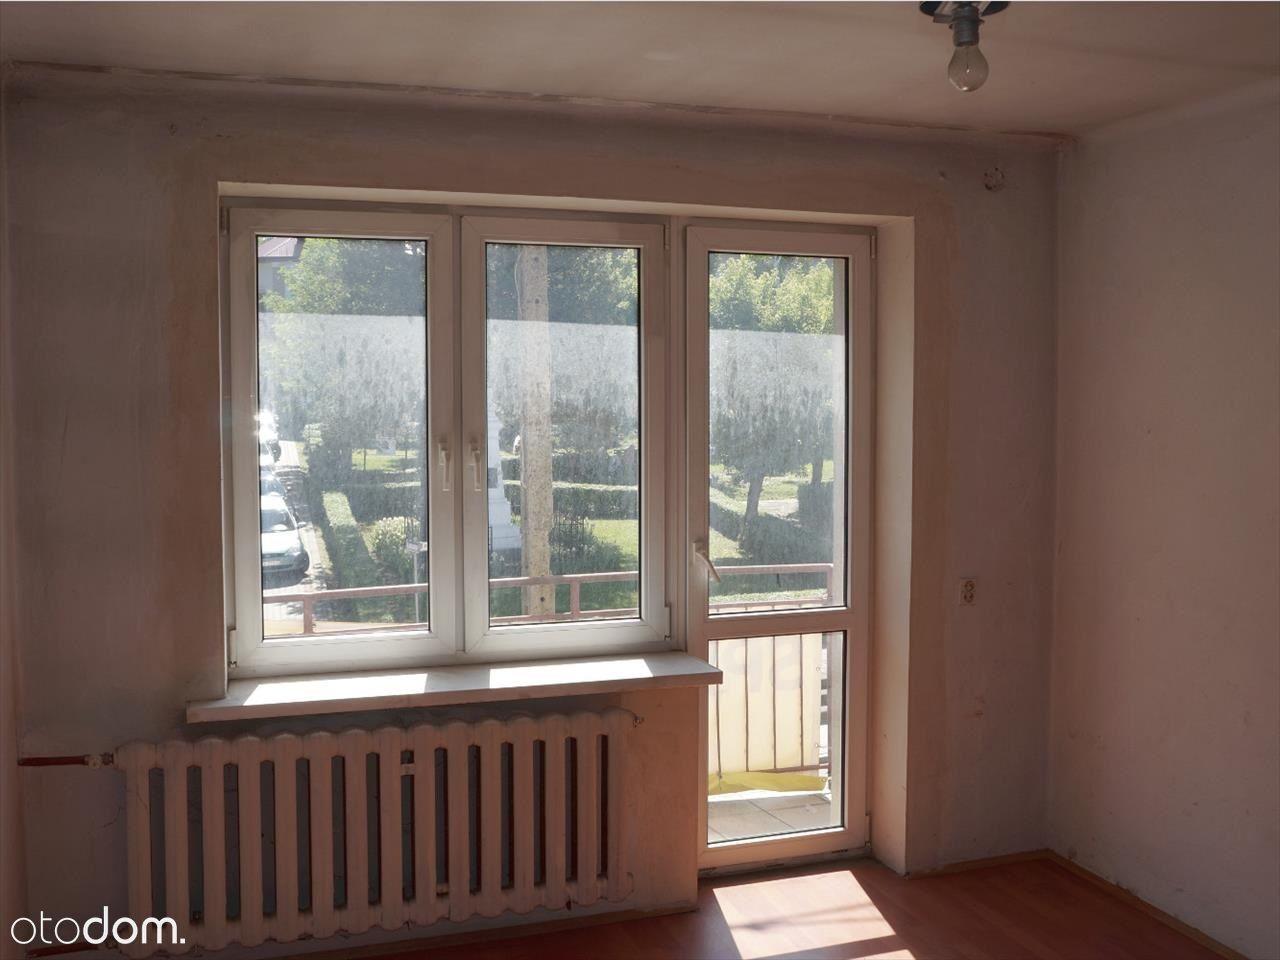 Dom na sprzedaż, Błażowa, rzeszowski, podkarpackie - Foto 5